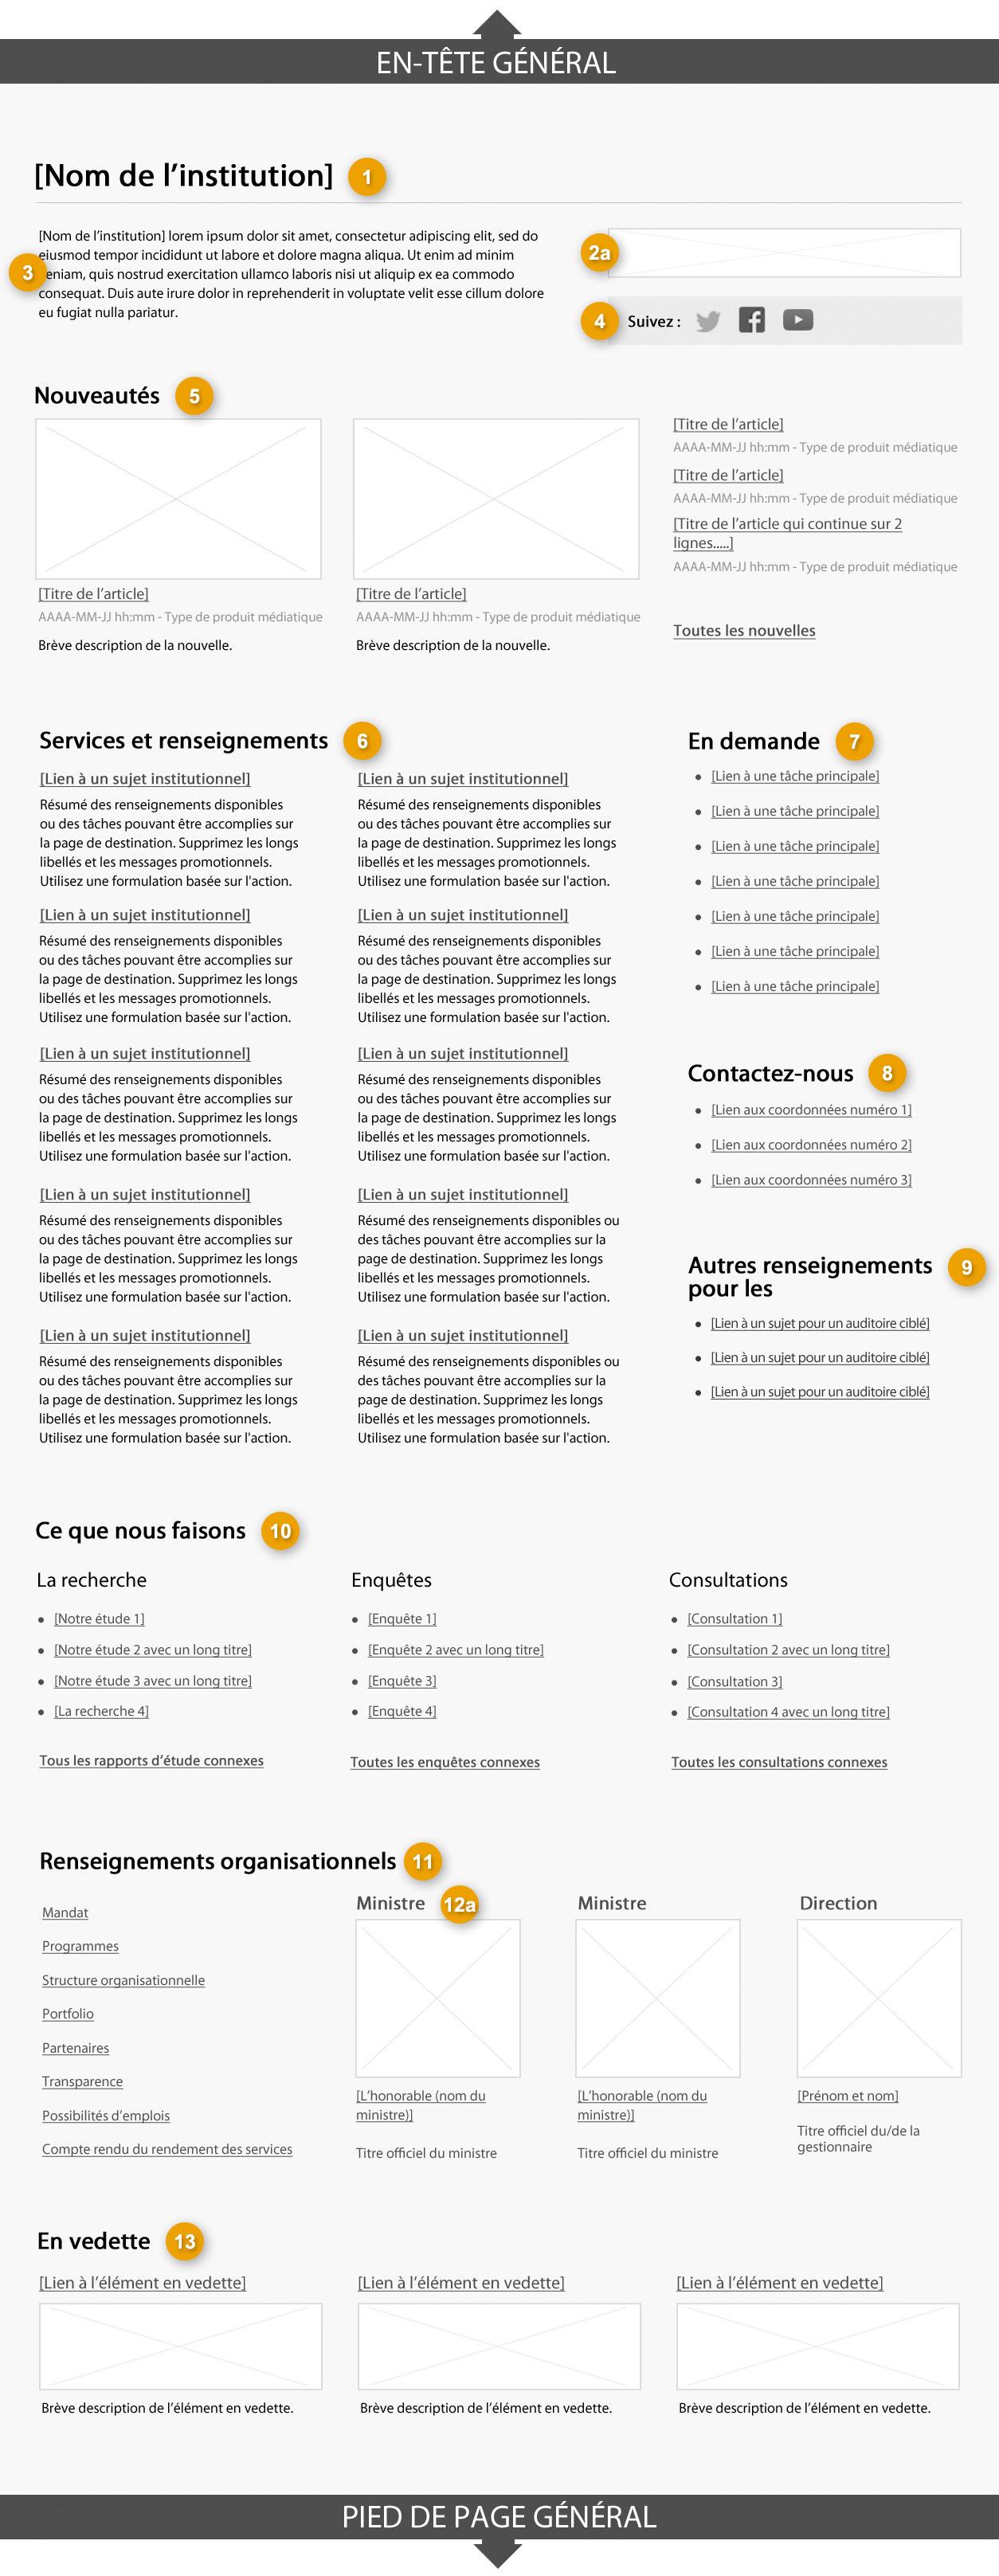 Modèle de la page de profil institutionnel pour les grandes institutions indiquant les parties qui composent sa structure. Lire de haut en bas et de gauche à droite. Plus de détails au sujet de ce graphique se retrouvent dans le texte entourant l'image.